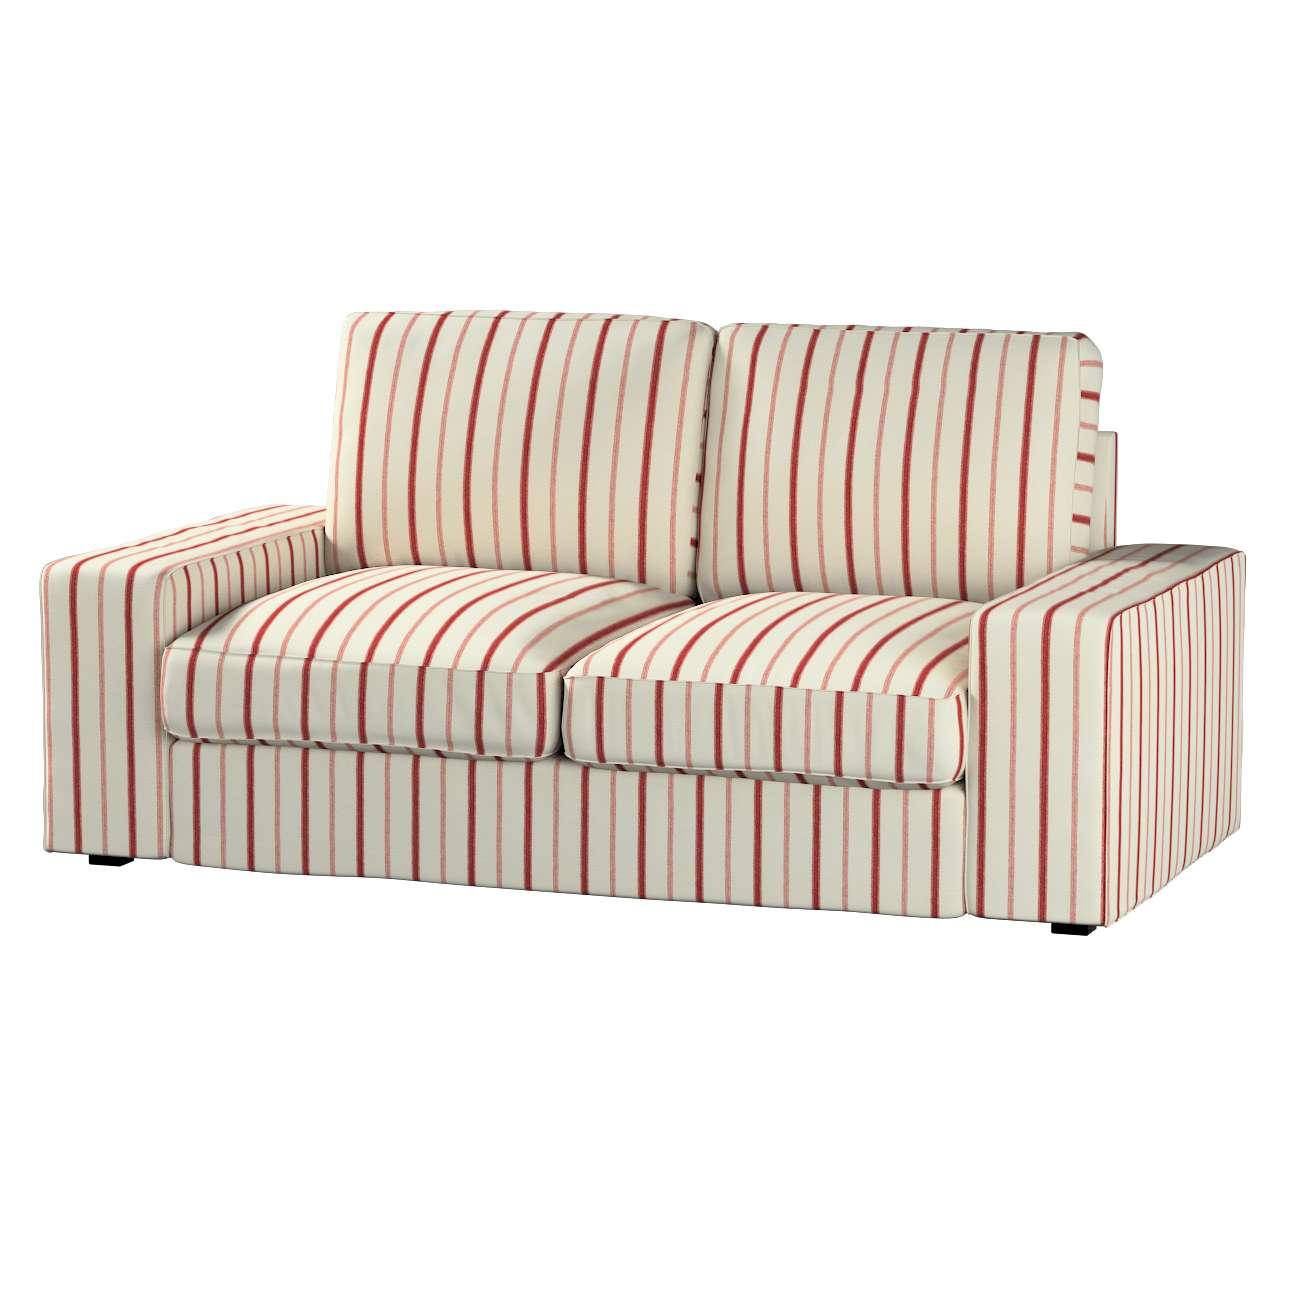 KIVIK dvivietės sofos užvalkalas Kivik 2-seat sofa kolekcijoje Avinon, audinys: 129-15